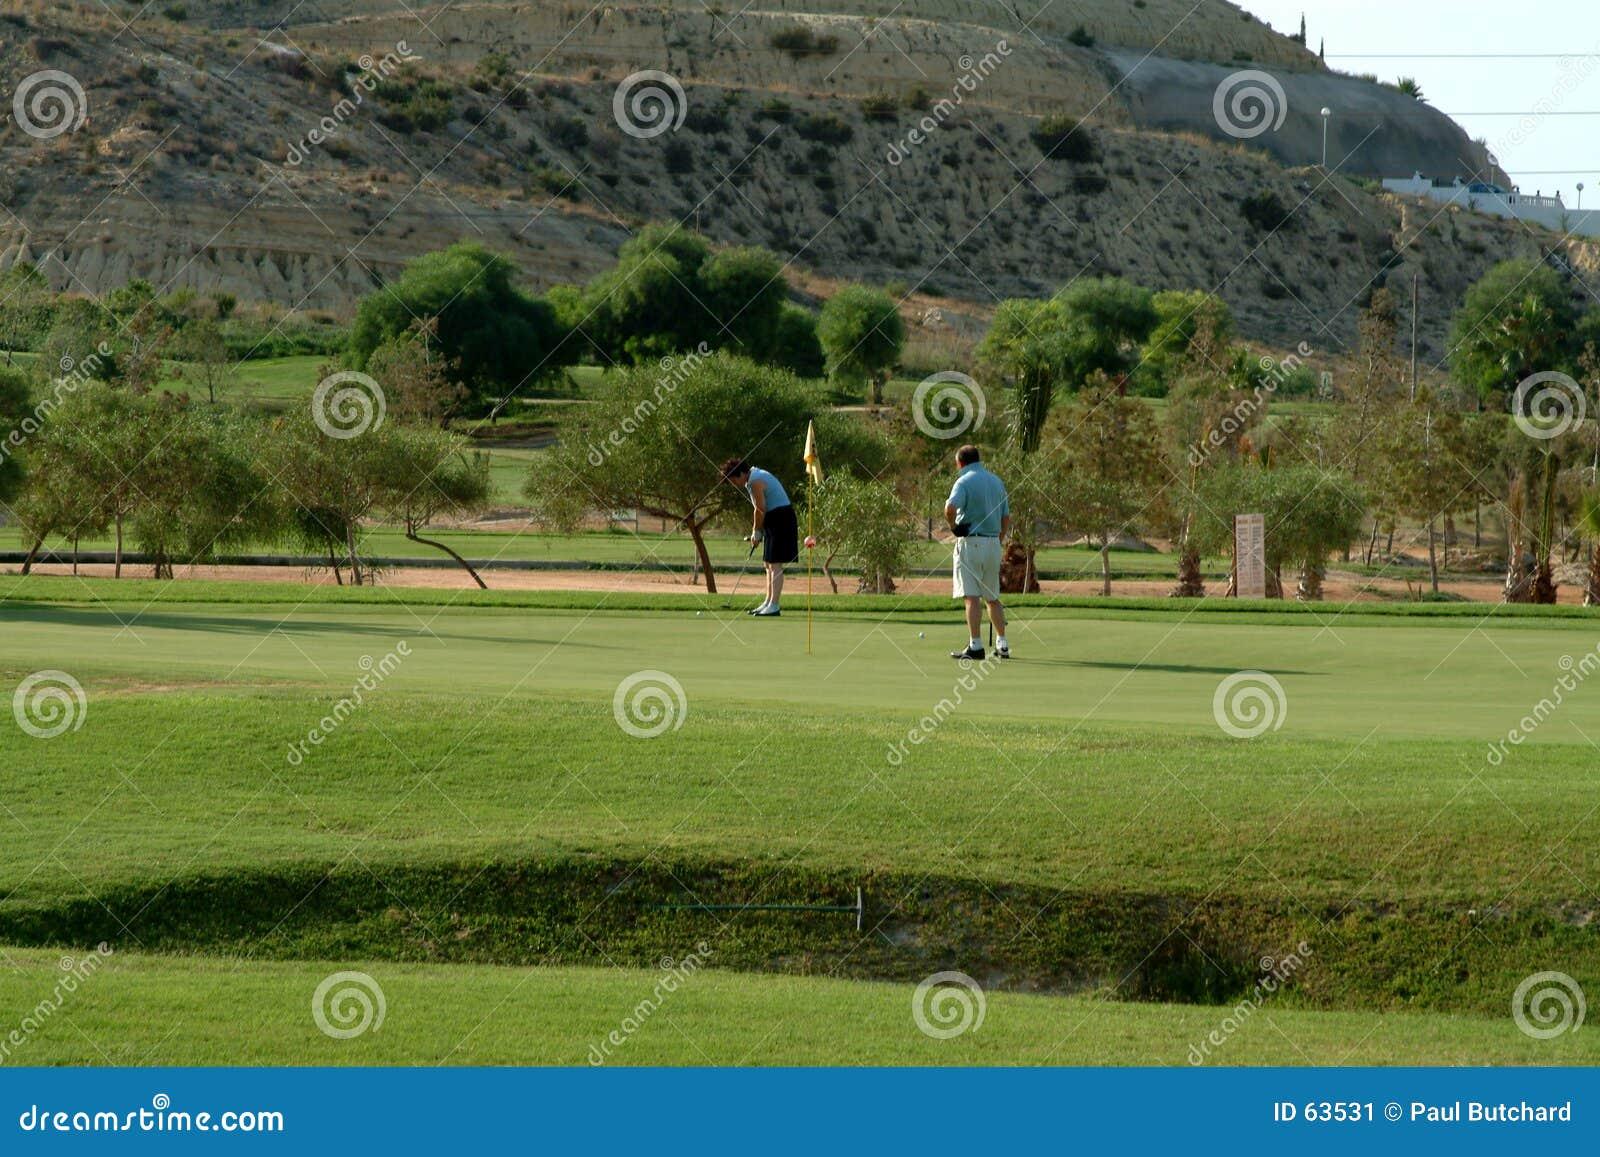 Golfing in Spanje